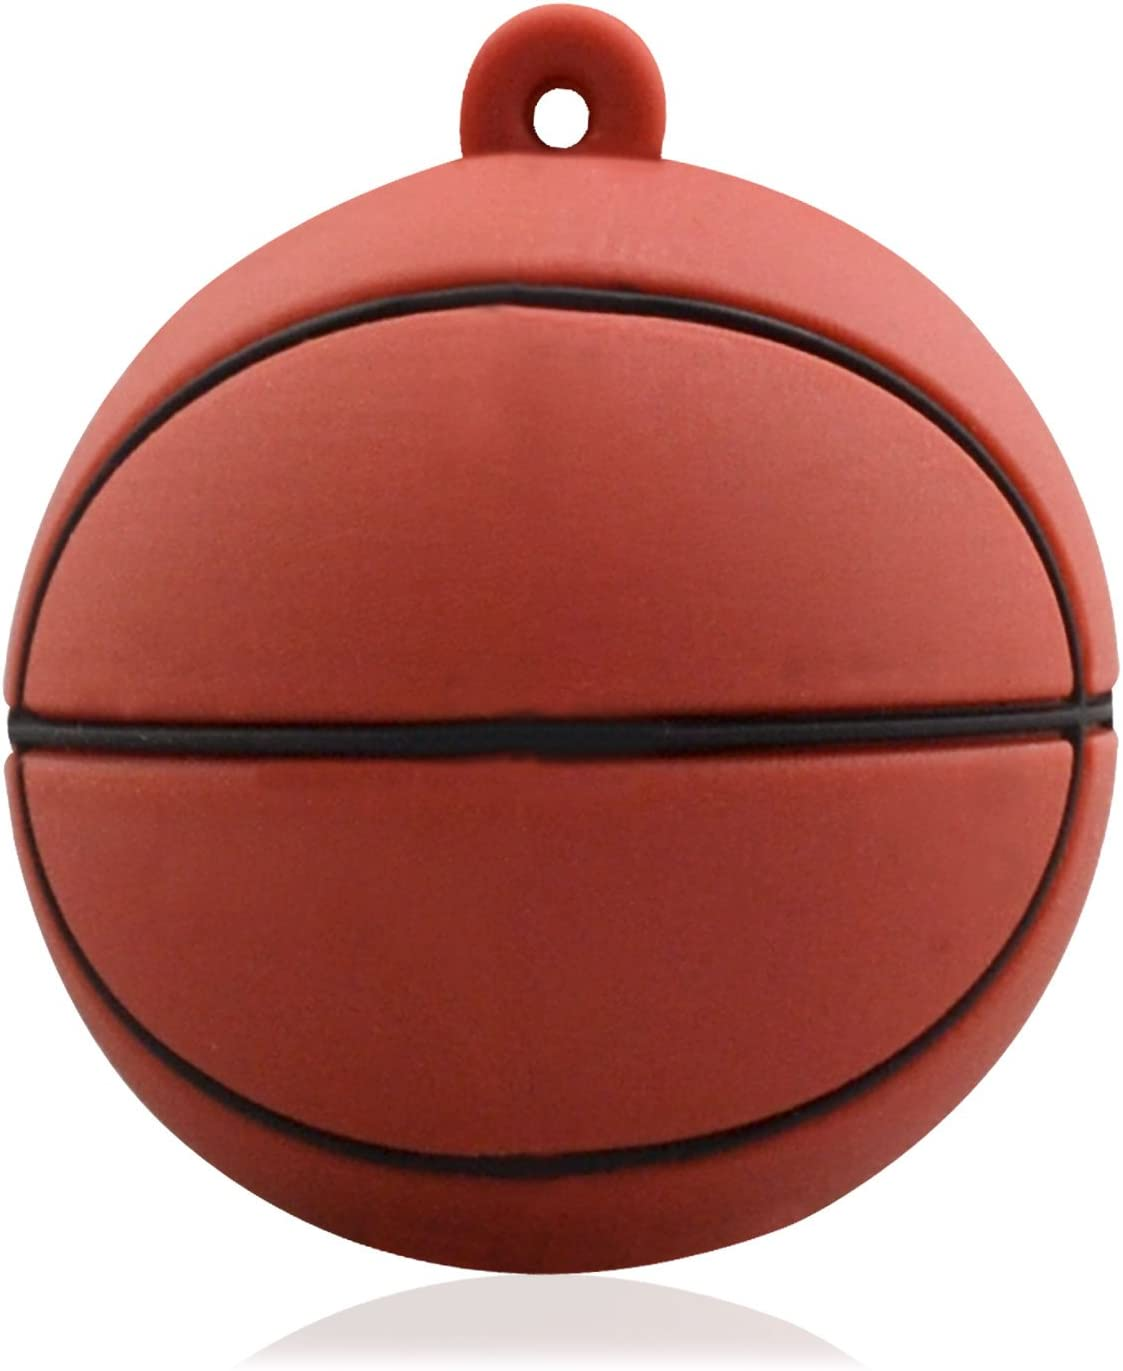 818-Shop No6900080016 Memorias USB Baloncesto deportivo (16 GB ...